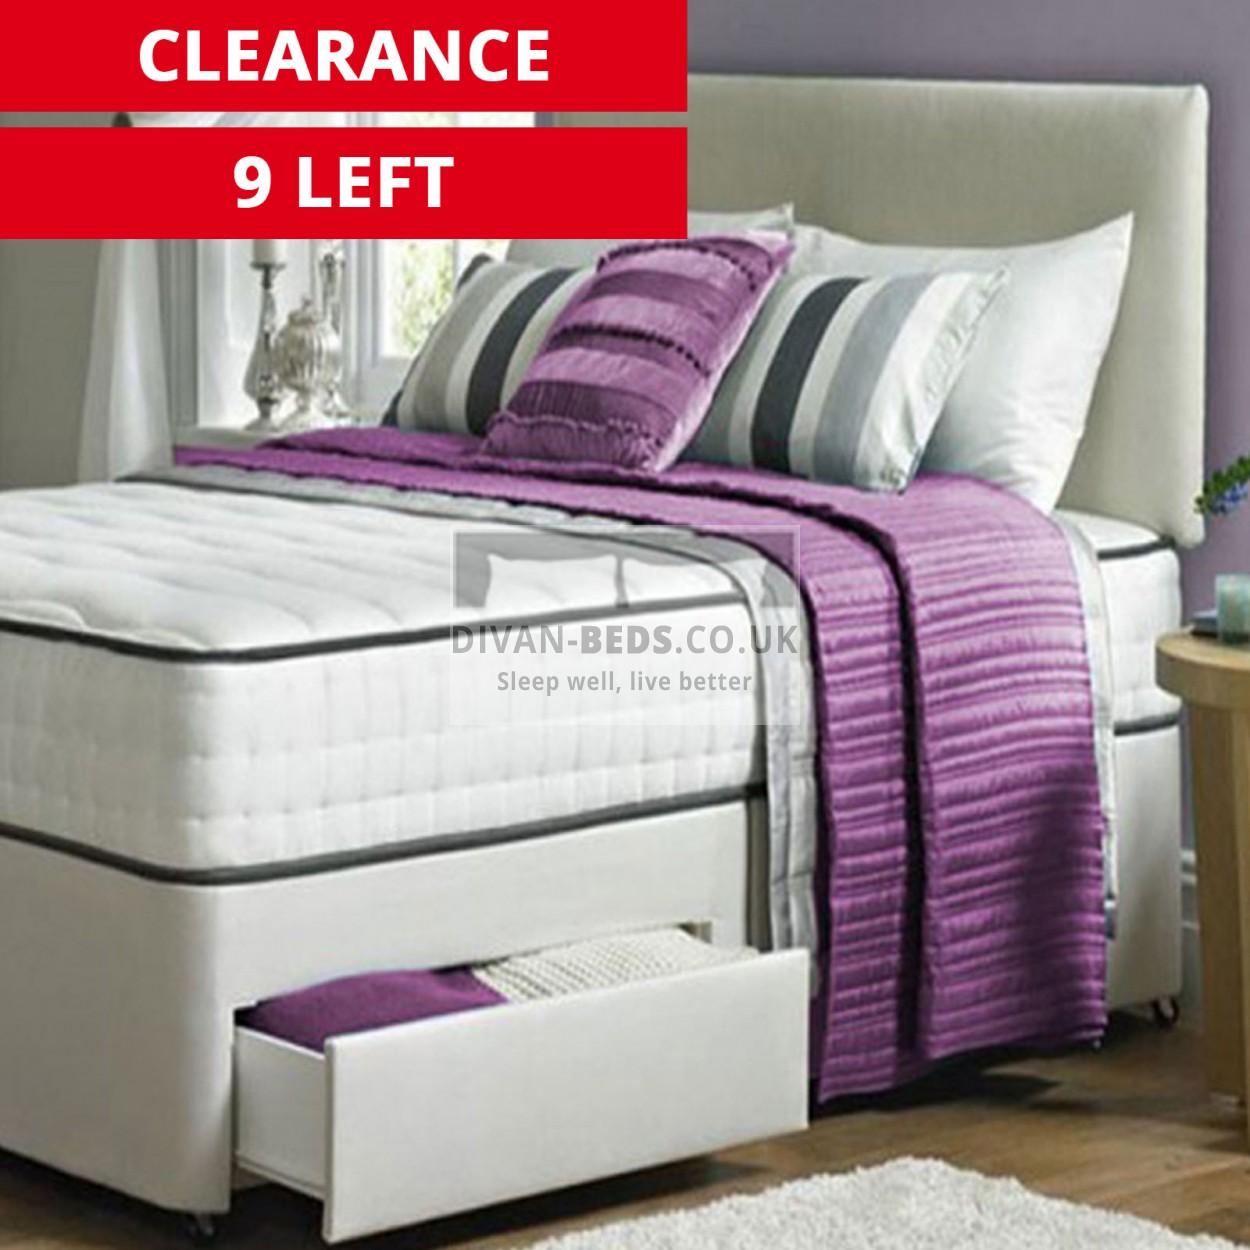 henry divan bed set with 2000 pocket spring memory foam. Black Bedroom Furniture Sets. Home Design Ideas